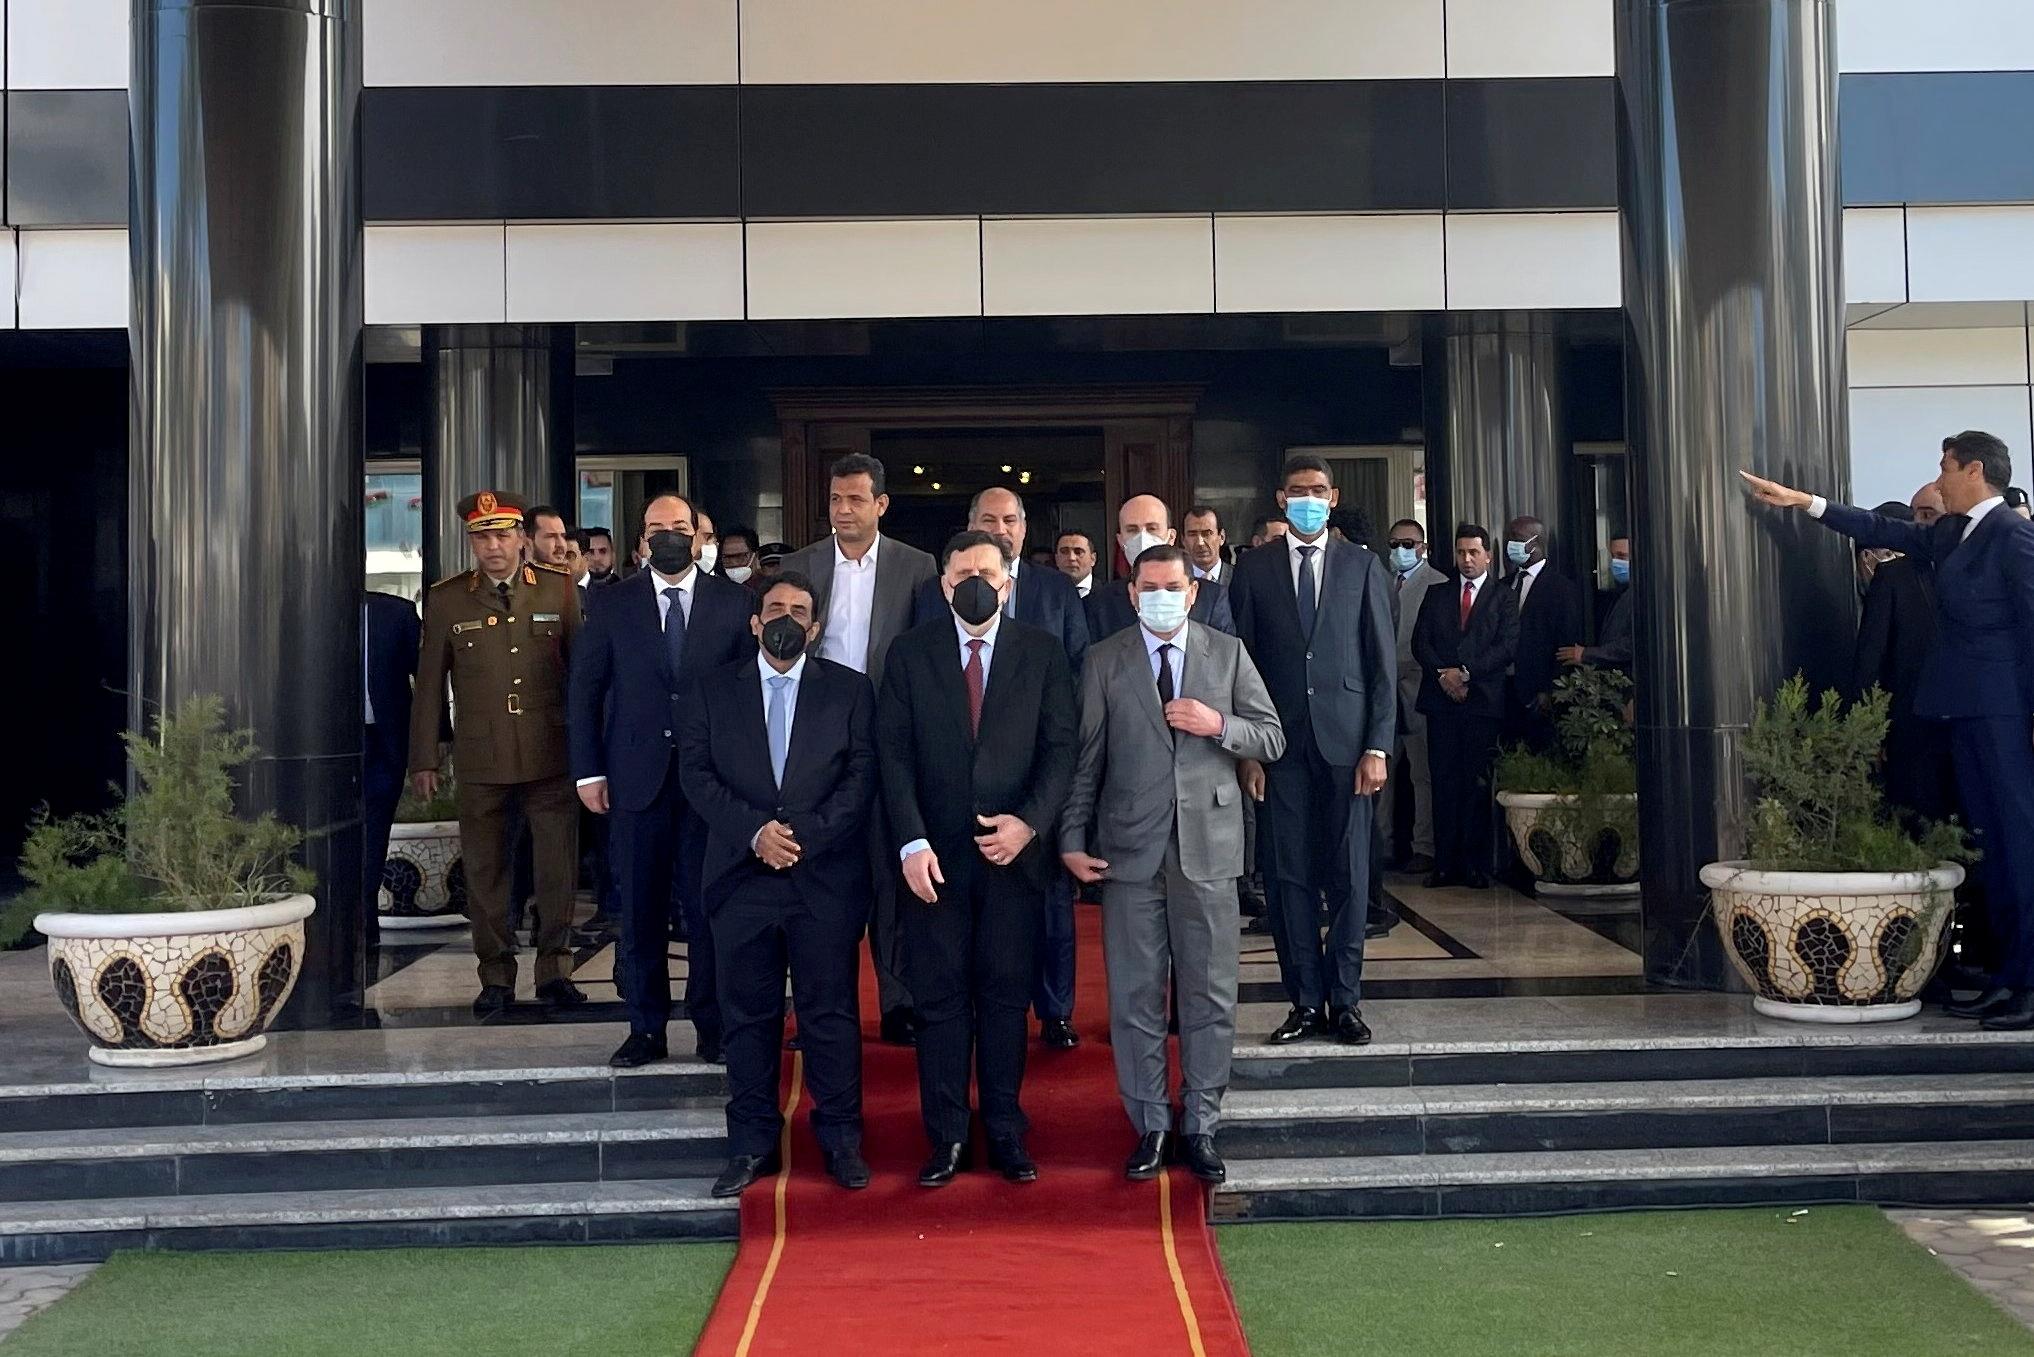 Λιβύη: Η νέα κυβέρνηση του Πρωθυπουργού Ντμπεϊμπά ανέλαβε επισήμως καθήκοντα